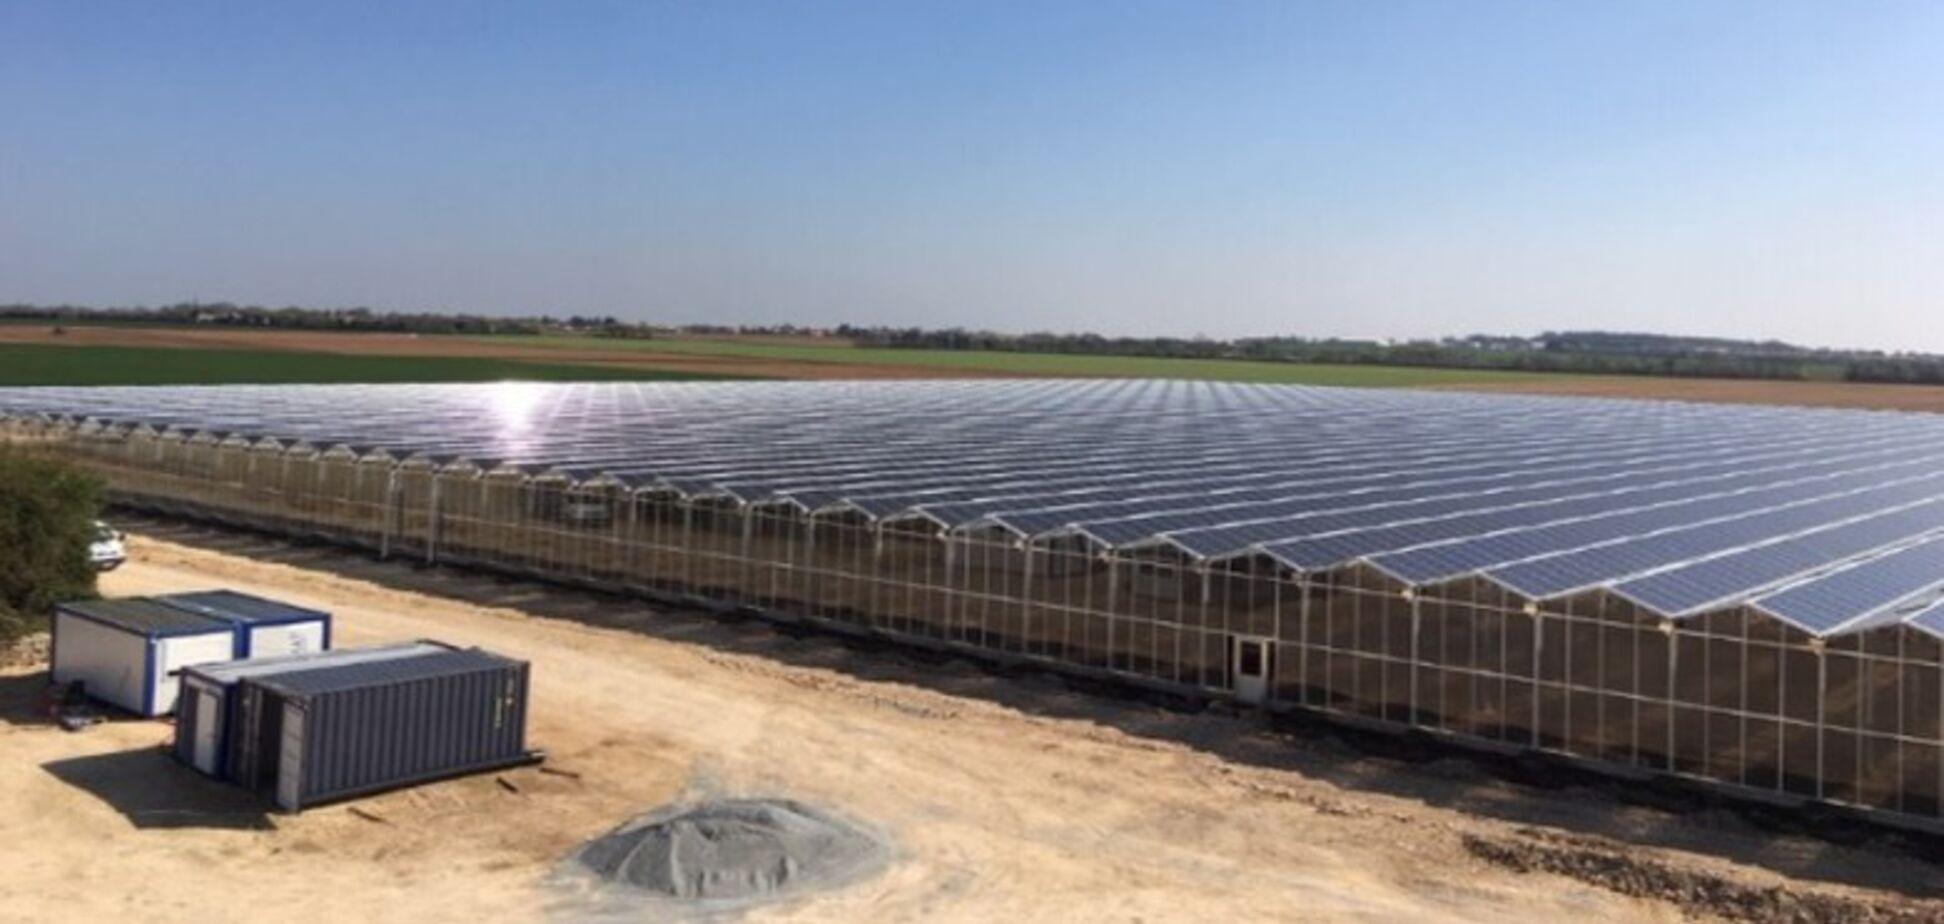 В Индии открыли солнечную станцию с рекордно низким тарифом